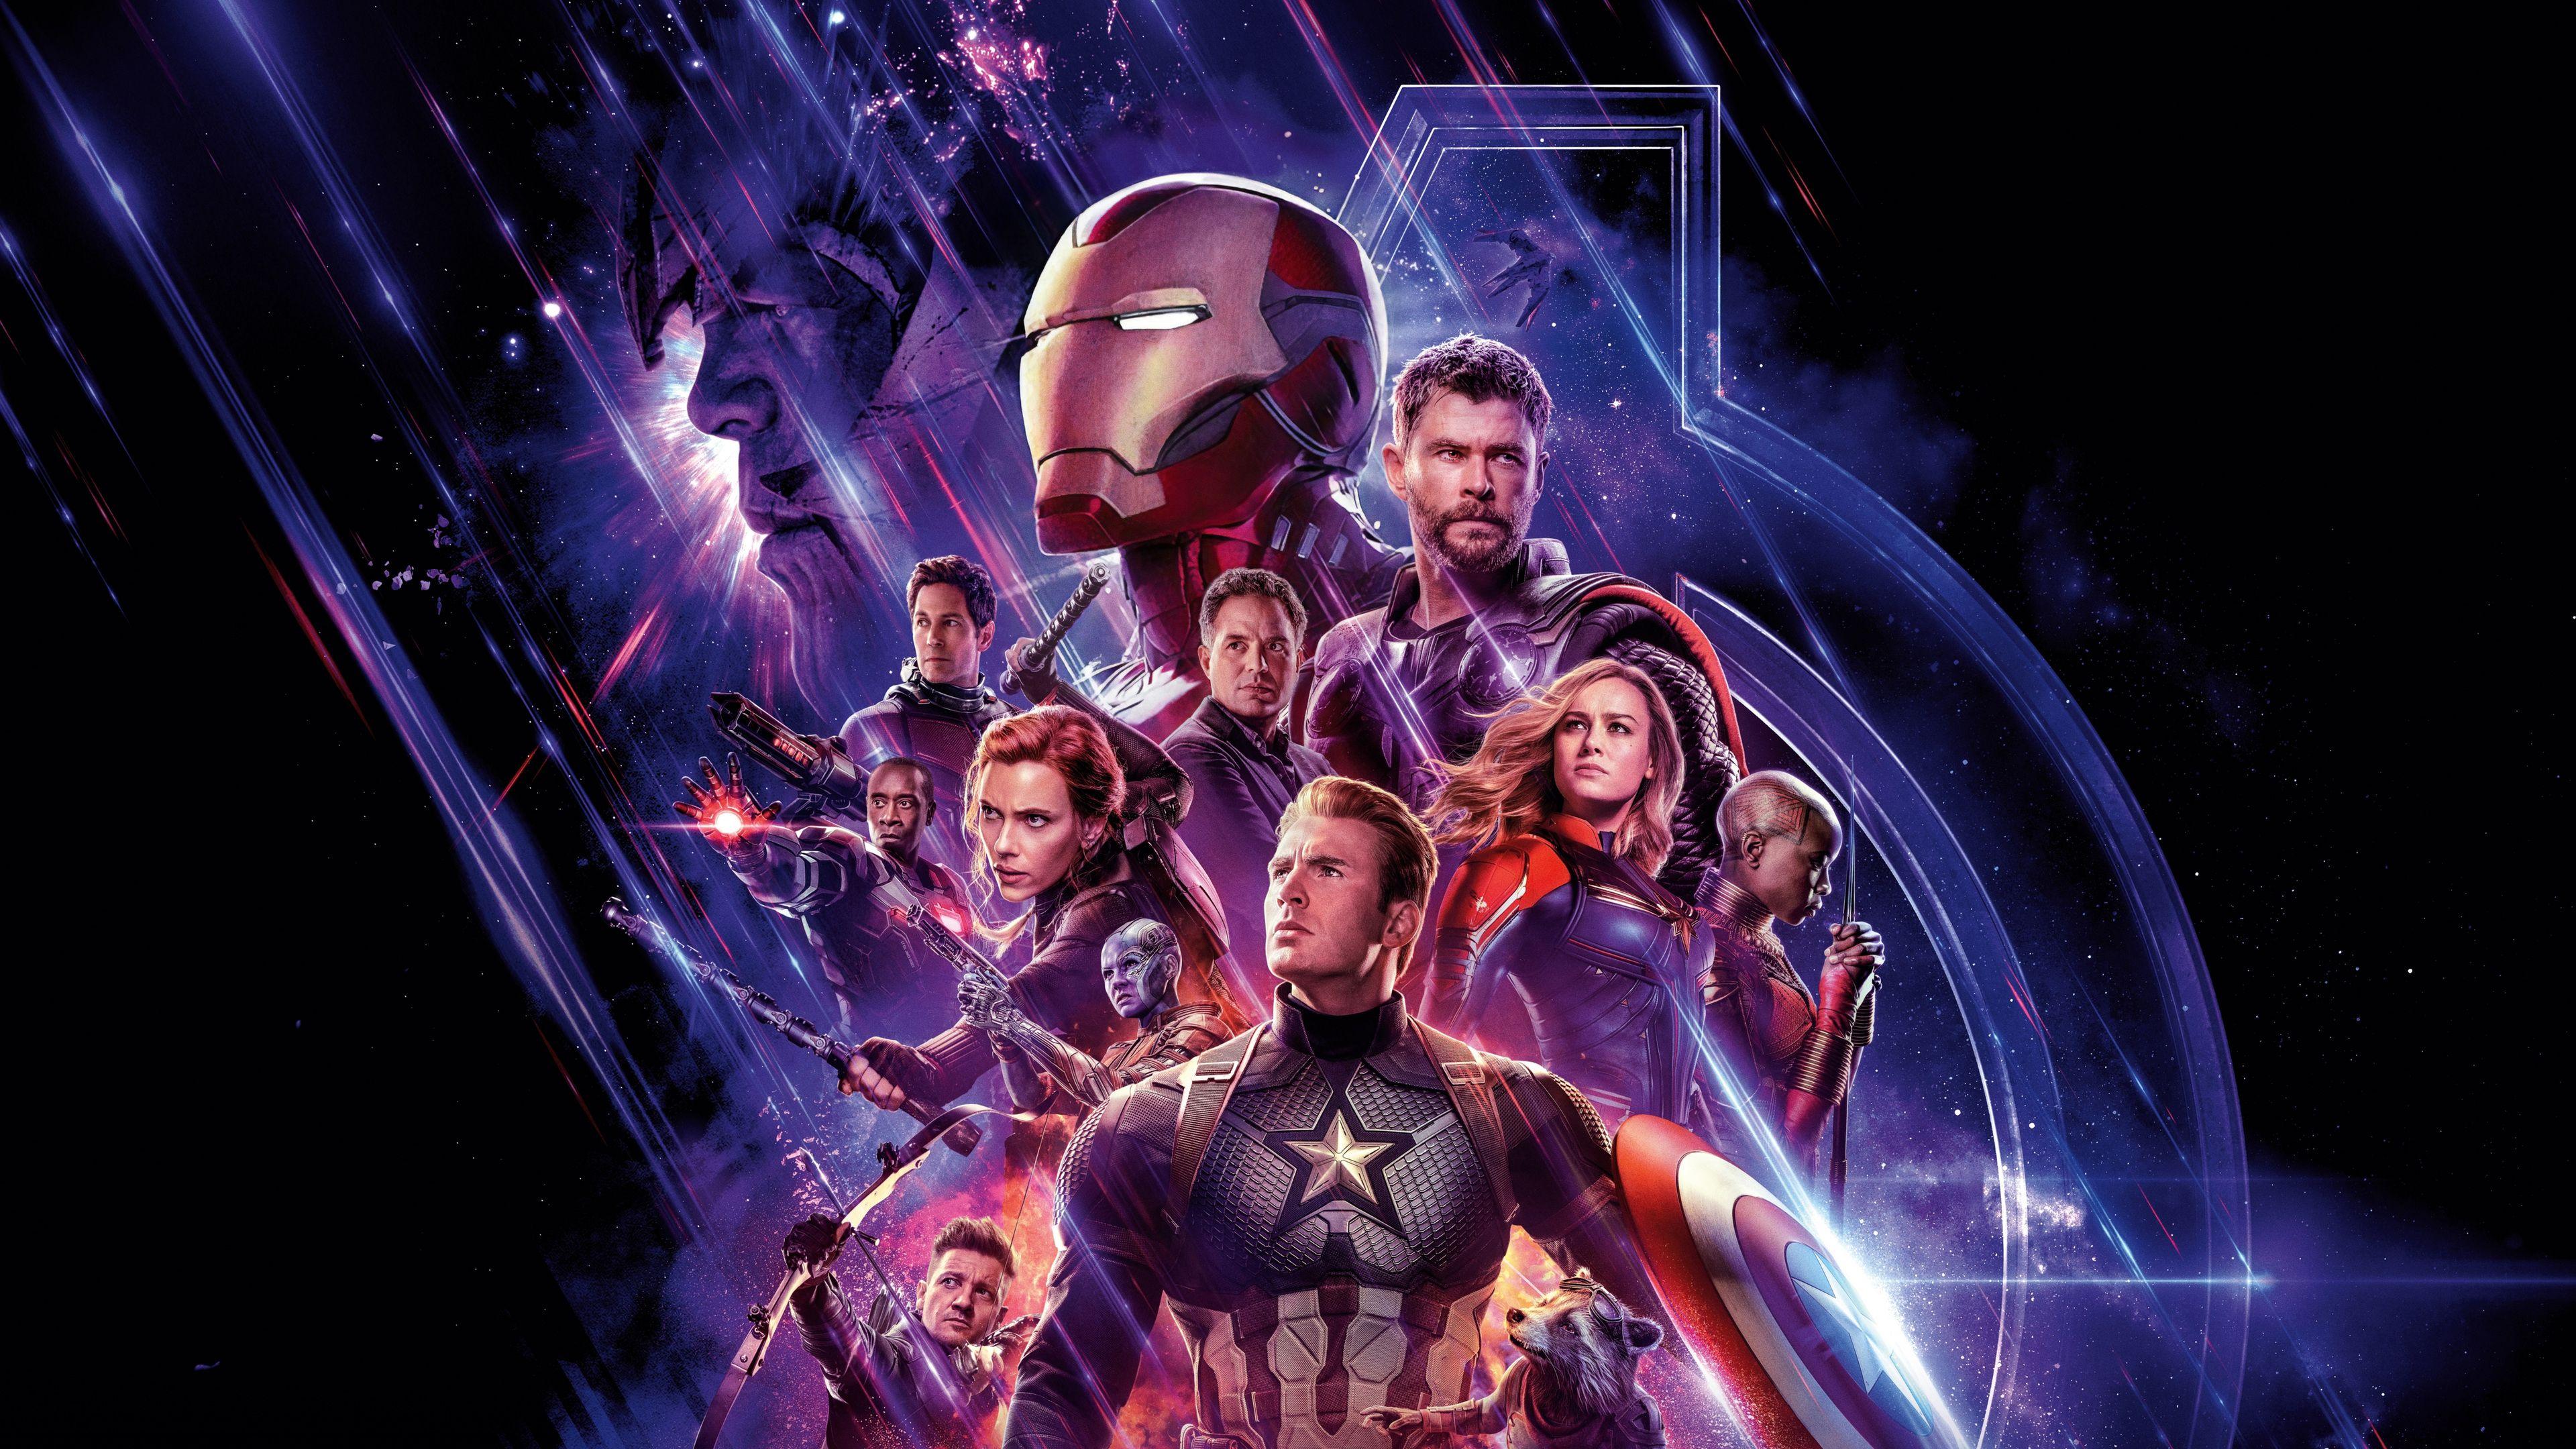 4k Avengers Endgame War Machine Wallpapers Thanos Wallpapers Rocket Raccoon Wallpapers Movies Wallpapers Iron Man Marvel Movies Avengers Wallpaper Avengers